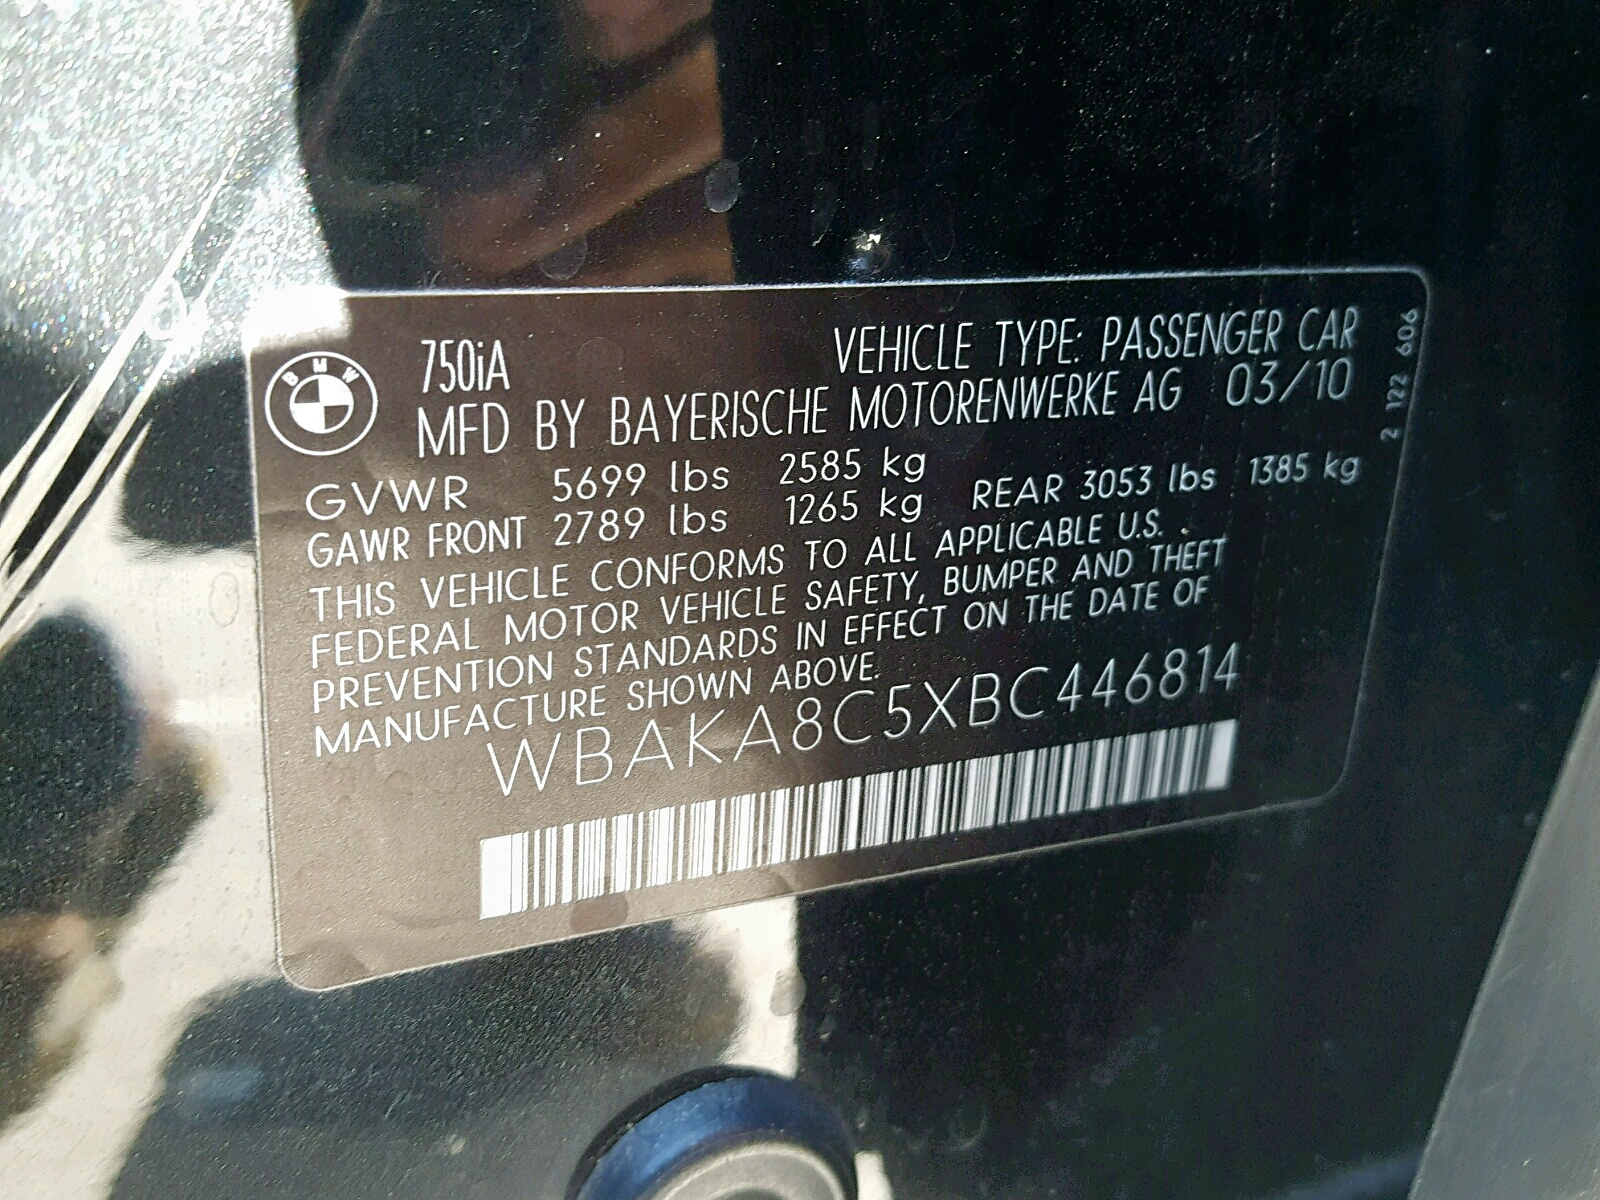 2011 Bmw Alpina B7 4.4L